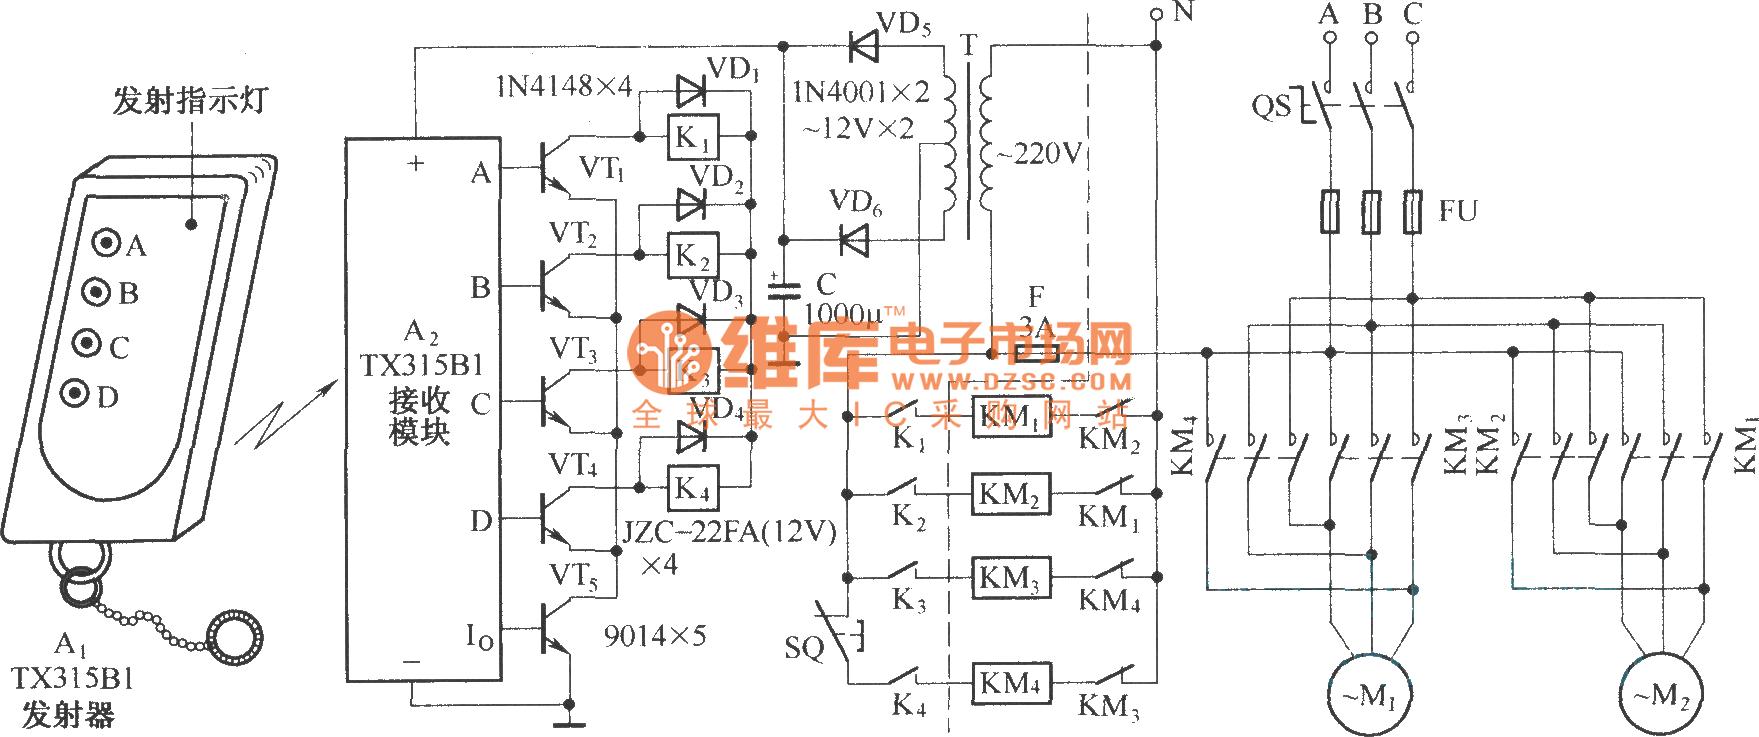 相关元件PDF下载: TX315B1 9014  该电路的操作功能有四项:电动葫芦的行走移动和吊钩(吊物)的上下运动。图中在虚线的右半部分是吊车中原来的操作电路,其中K1~K4是原来的手动操作按键,现在用继电器的触点来取代,SQ为提升限位开关。KM1~KM4为交流继电器,分别用来控制提升电机M1和行走电机M2的正、反转,实现葫芦的行走和吊物的升降。